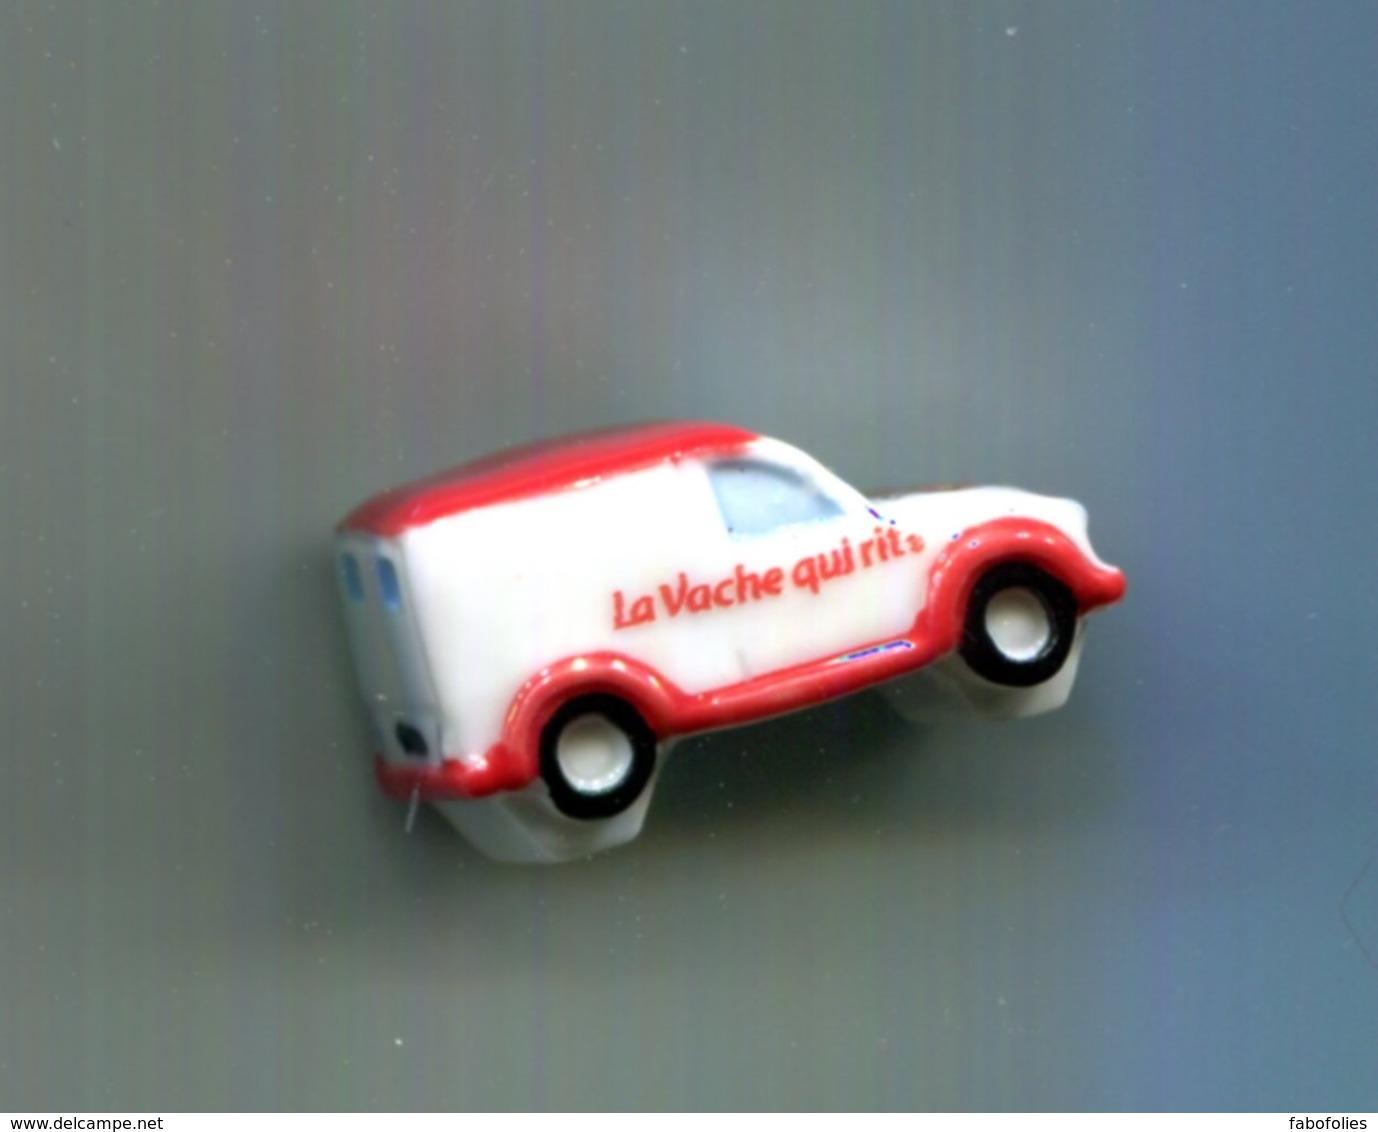 Feve A L Unite Vehicules Vache Qui Rit N4 / 1.0p18e4 - Other